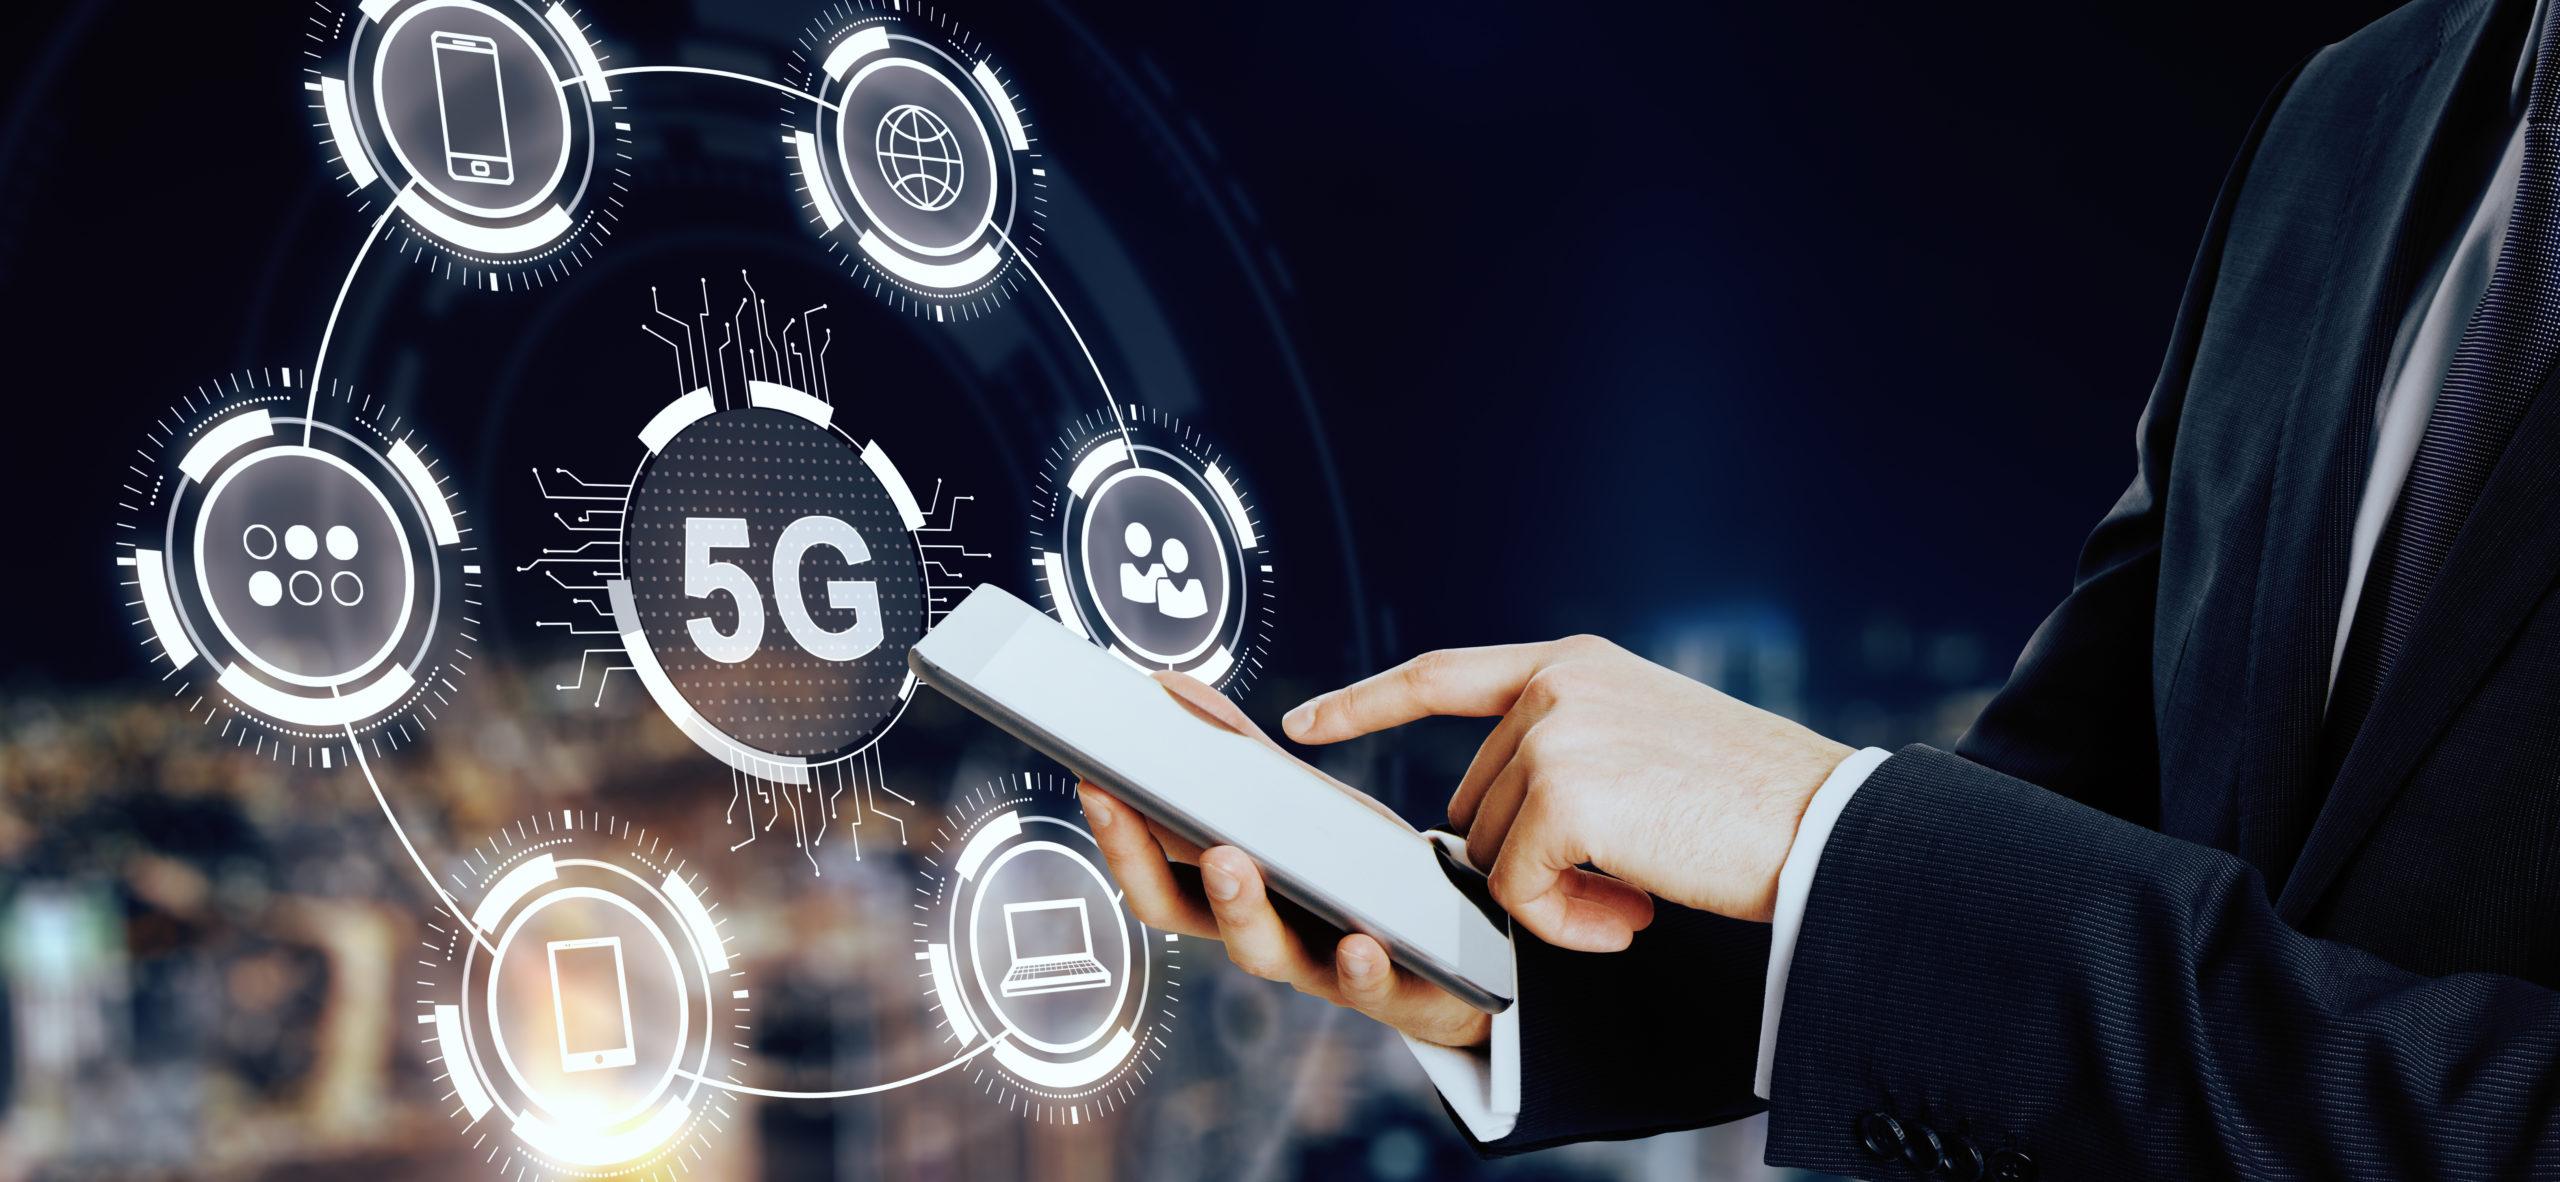 5G対応のスマホは最初はアンドロイドのみ!携帯端末の買い替えは必要?